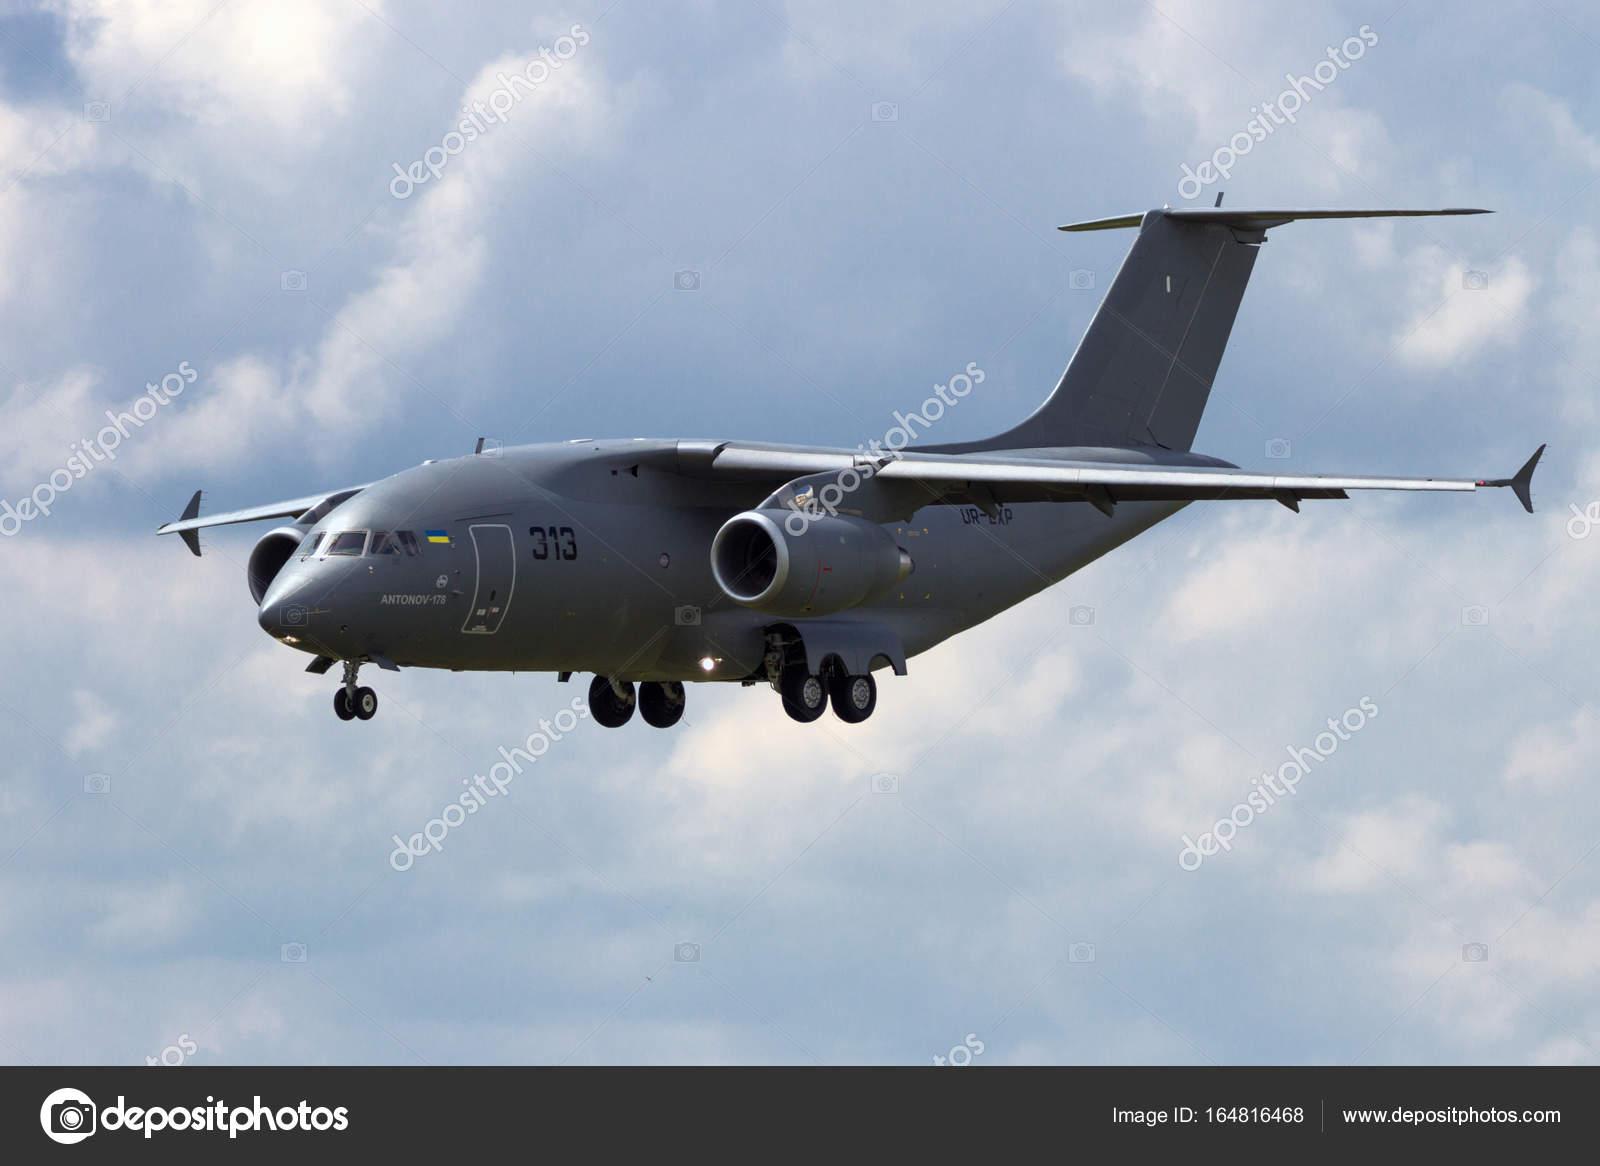 Берлин - 2 июня 2016: Антонов АН-178, ближней средне воздушных  военно-транспортный самолет, около к земле во время авиашоу Ila Berlin на  Аэропорт ...